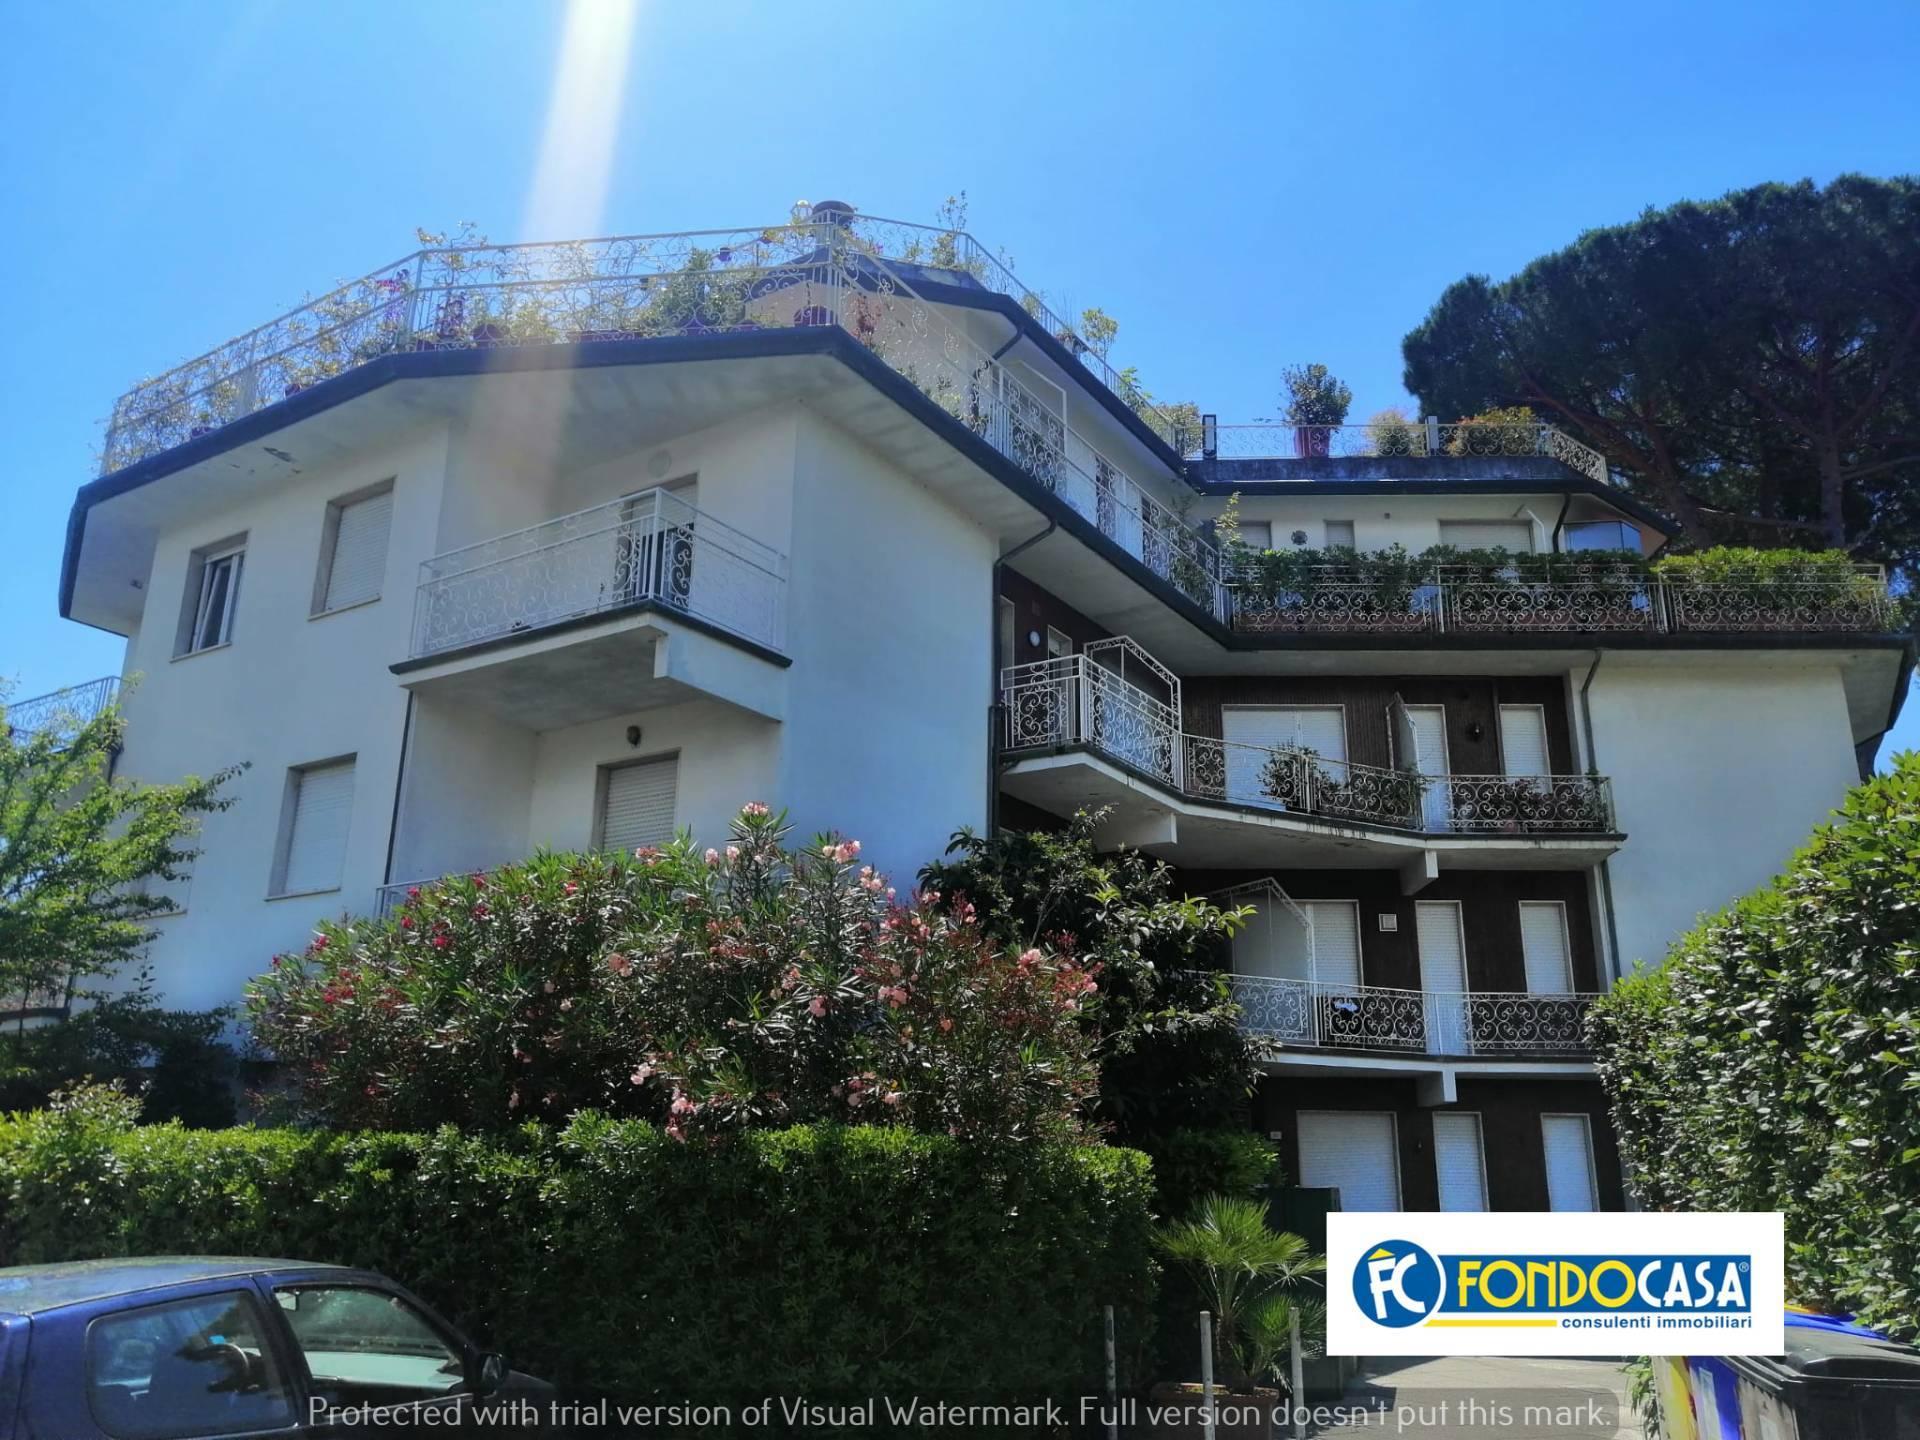 Attico / Mansarda in vendita a Montignoso, 4 locali, prezzo € 449.000 | PortaleAgenzieImmobiliari.it